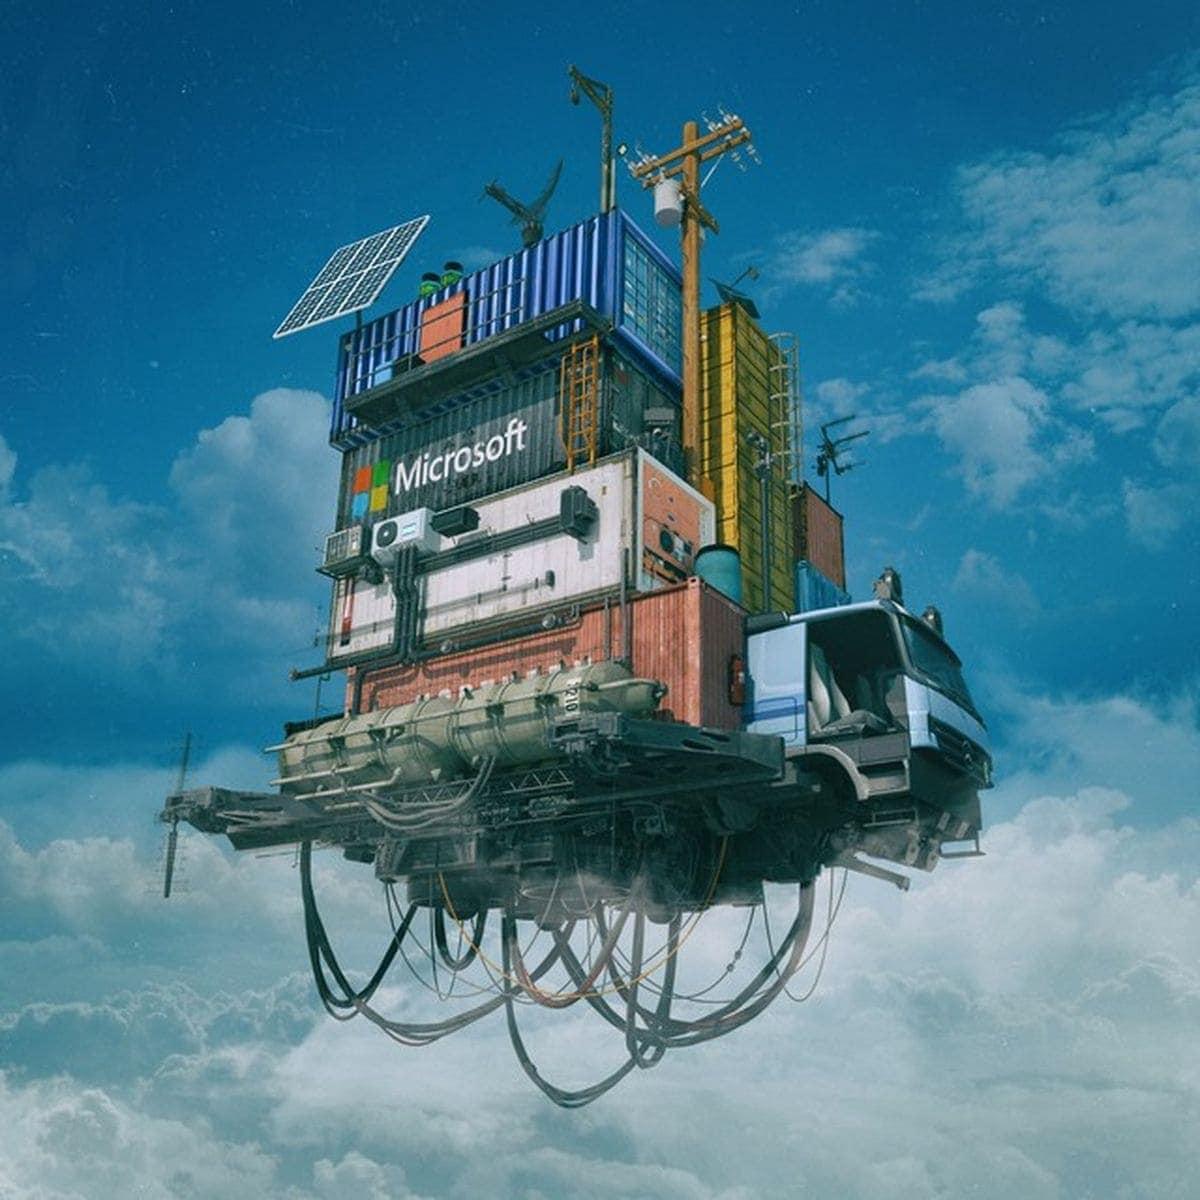 Dystopische Popkultur der Zukunft von Mike Winkelmann | Design/Kunst | Was is hier eigentlich los?